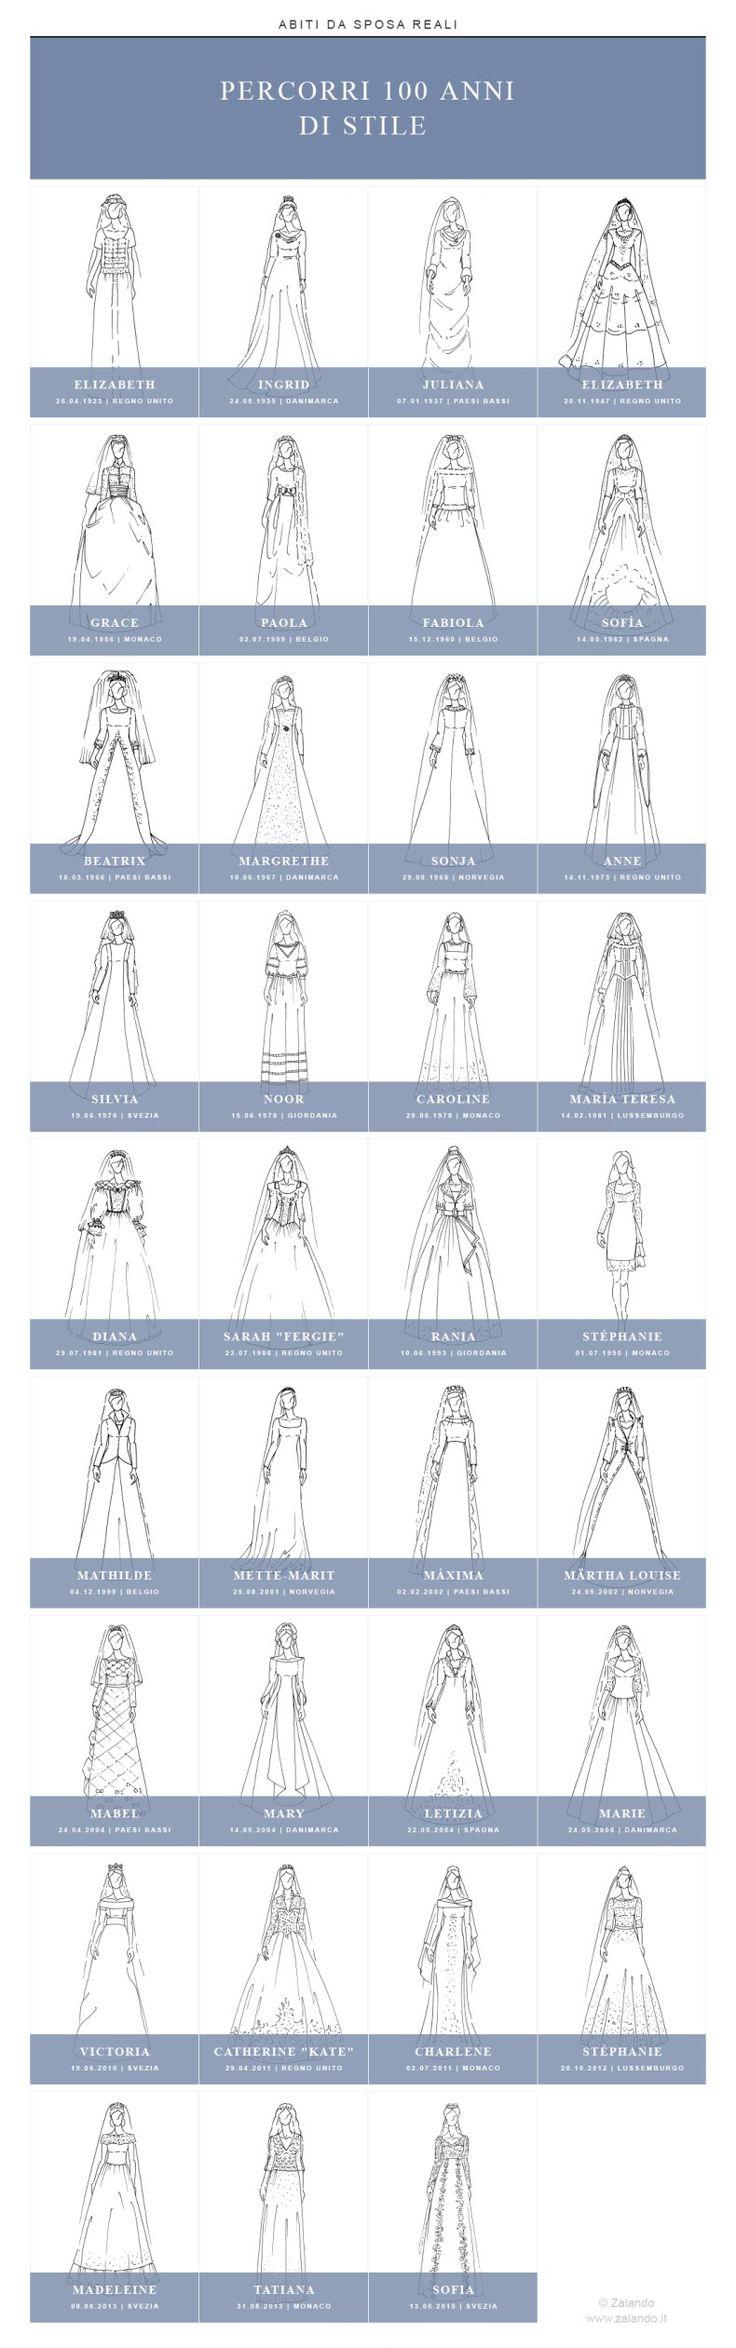 Scopri l'infografica che ripercorre 100 anni di abiti da sposa reali su Zalando.it